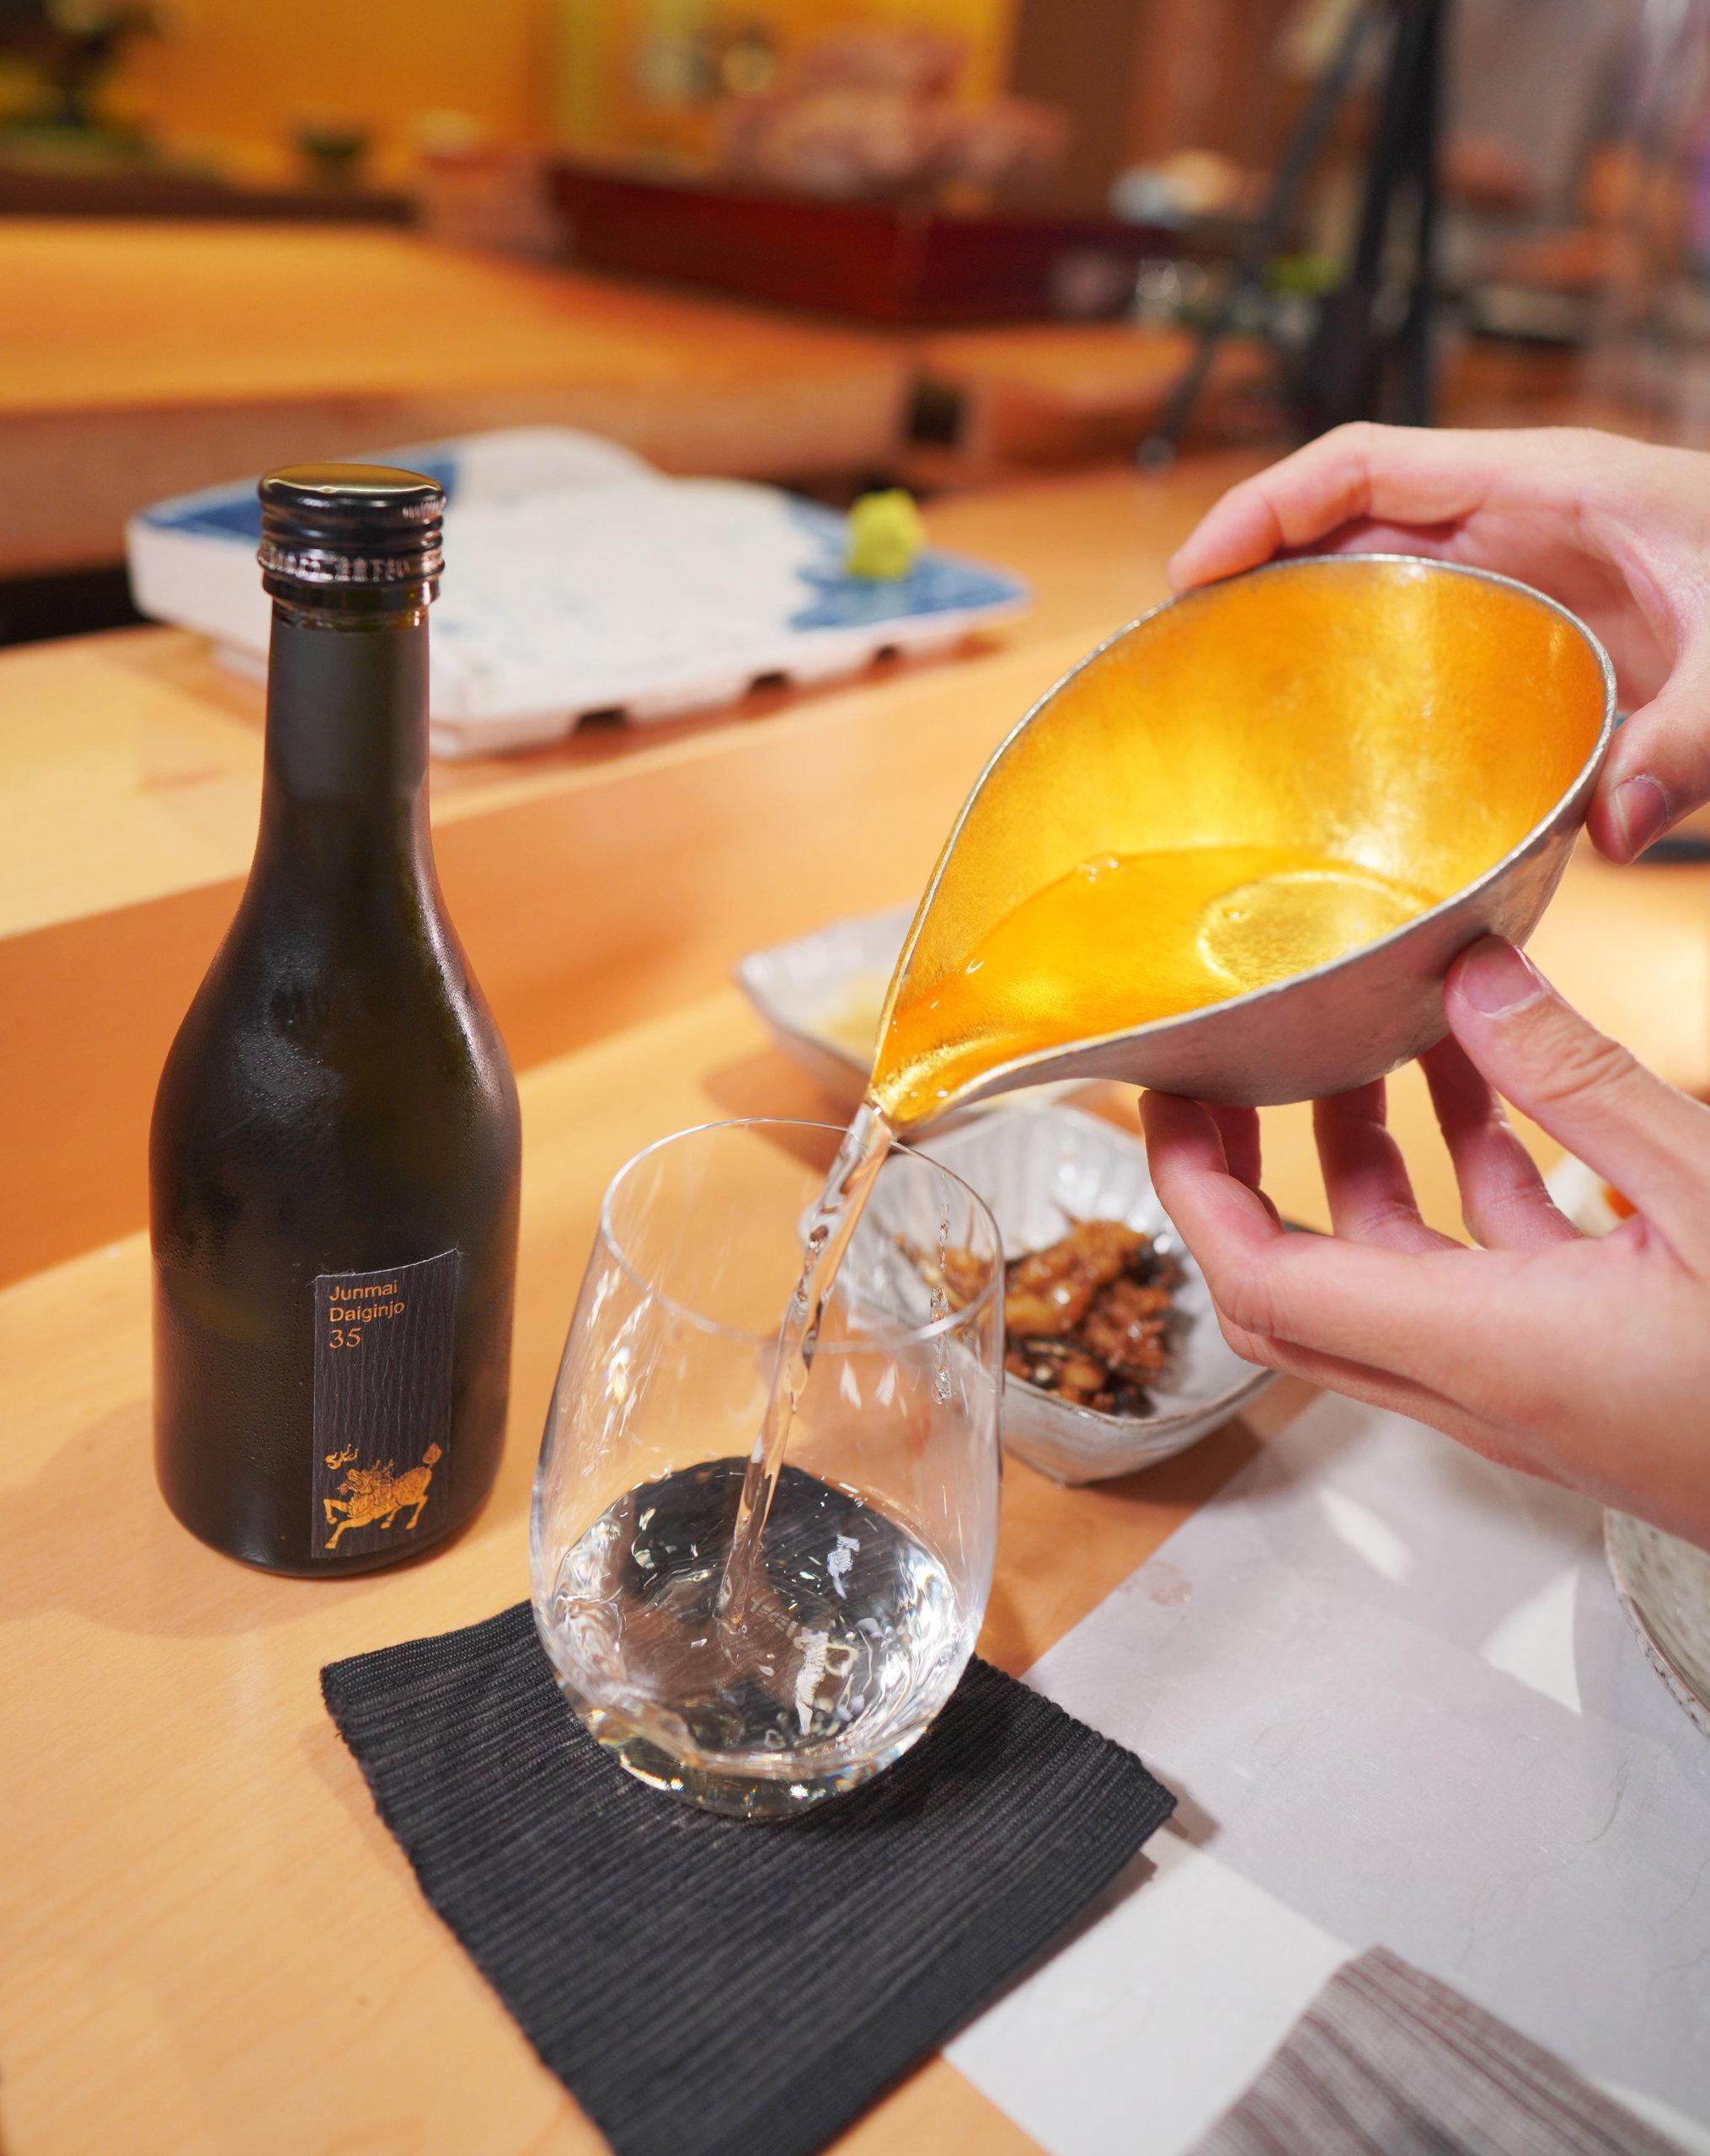 麒麟 35 純米大吟釀。